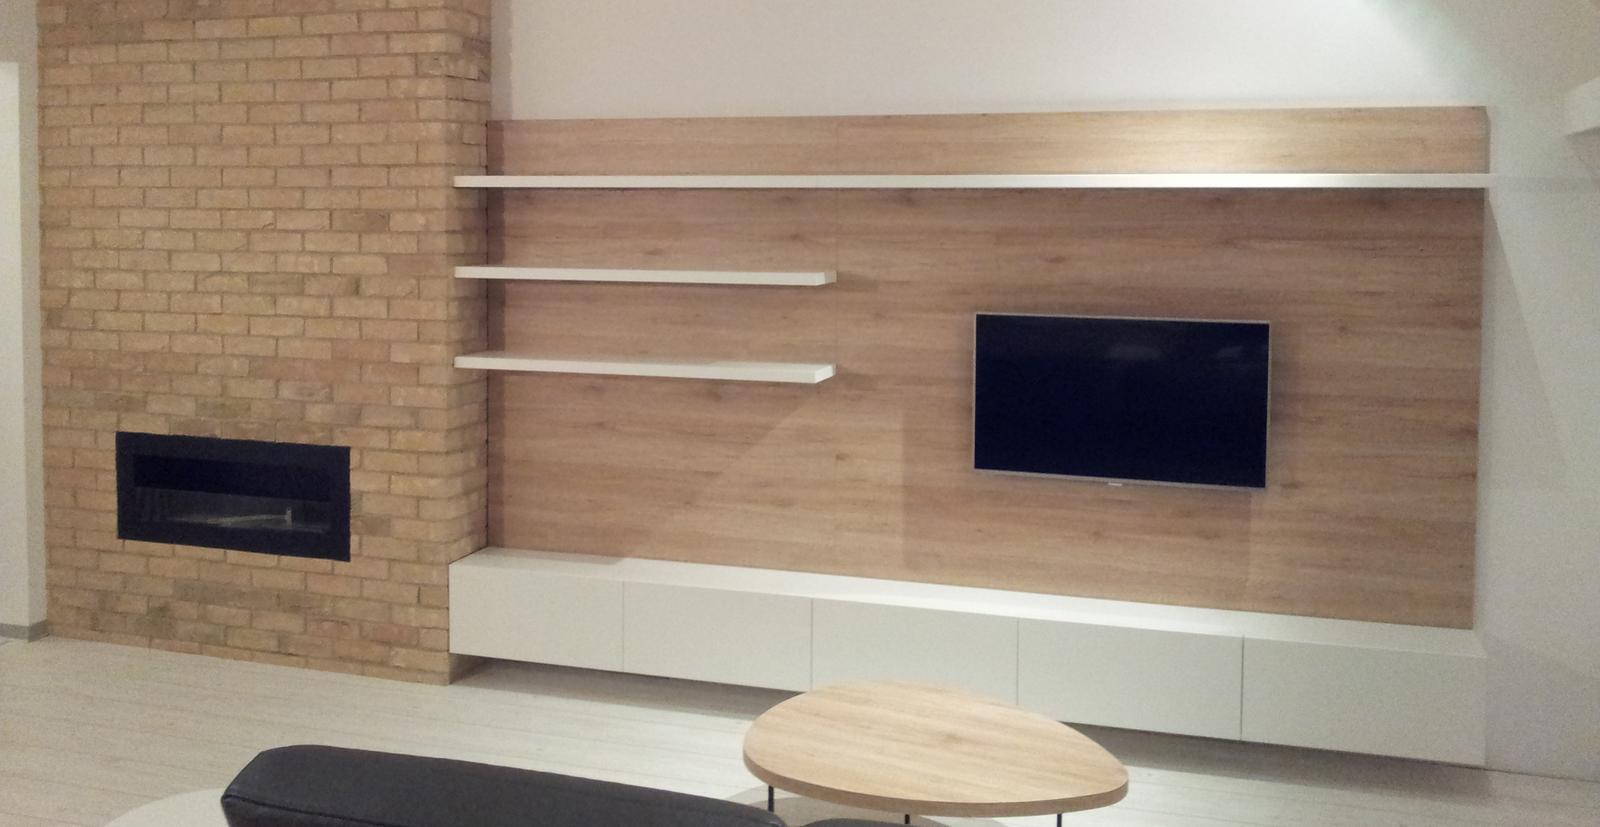 Dizajn a výroba nábytku na mieru Cubica - TV zostava - výroba cubica